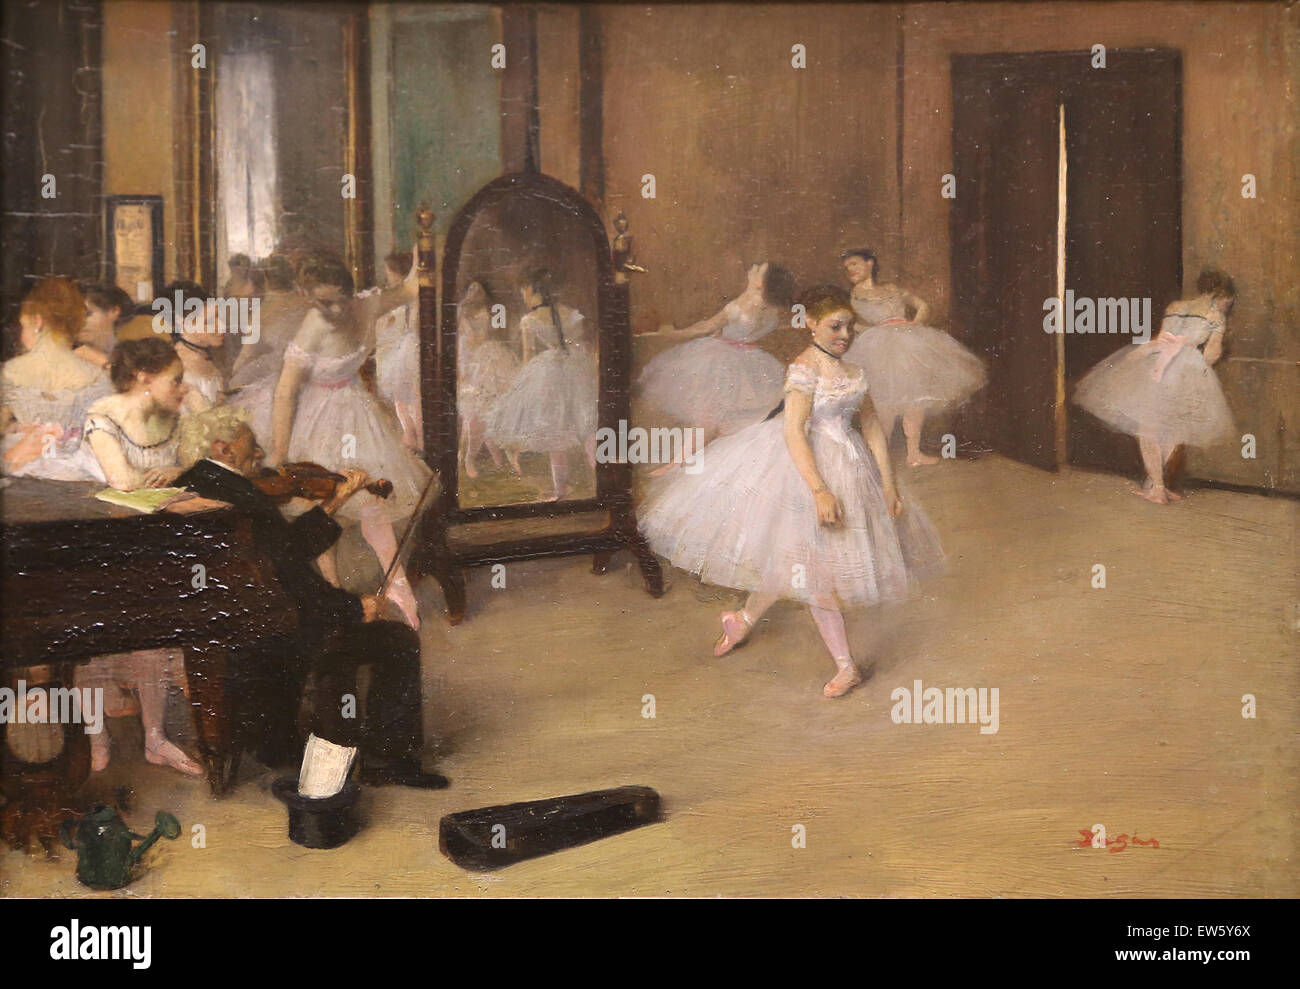 Edgar Degas (1834-1917). Le peintre français. La classe de danse, 1870. Huile sur bois. Photo Stock